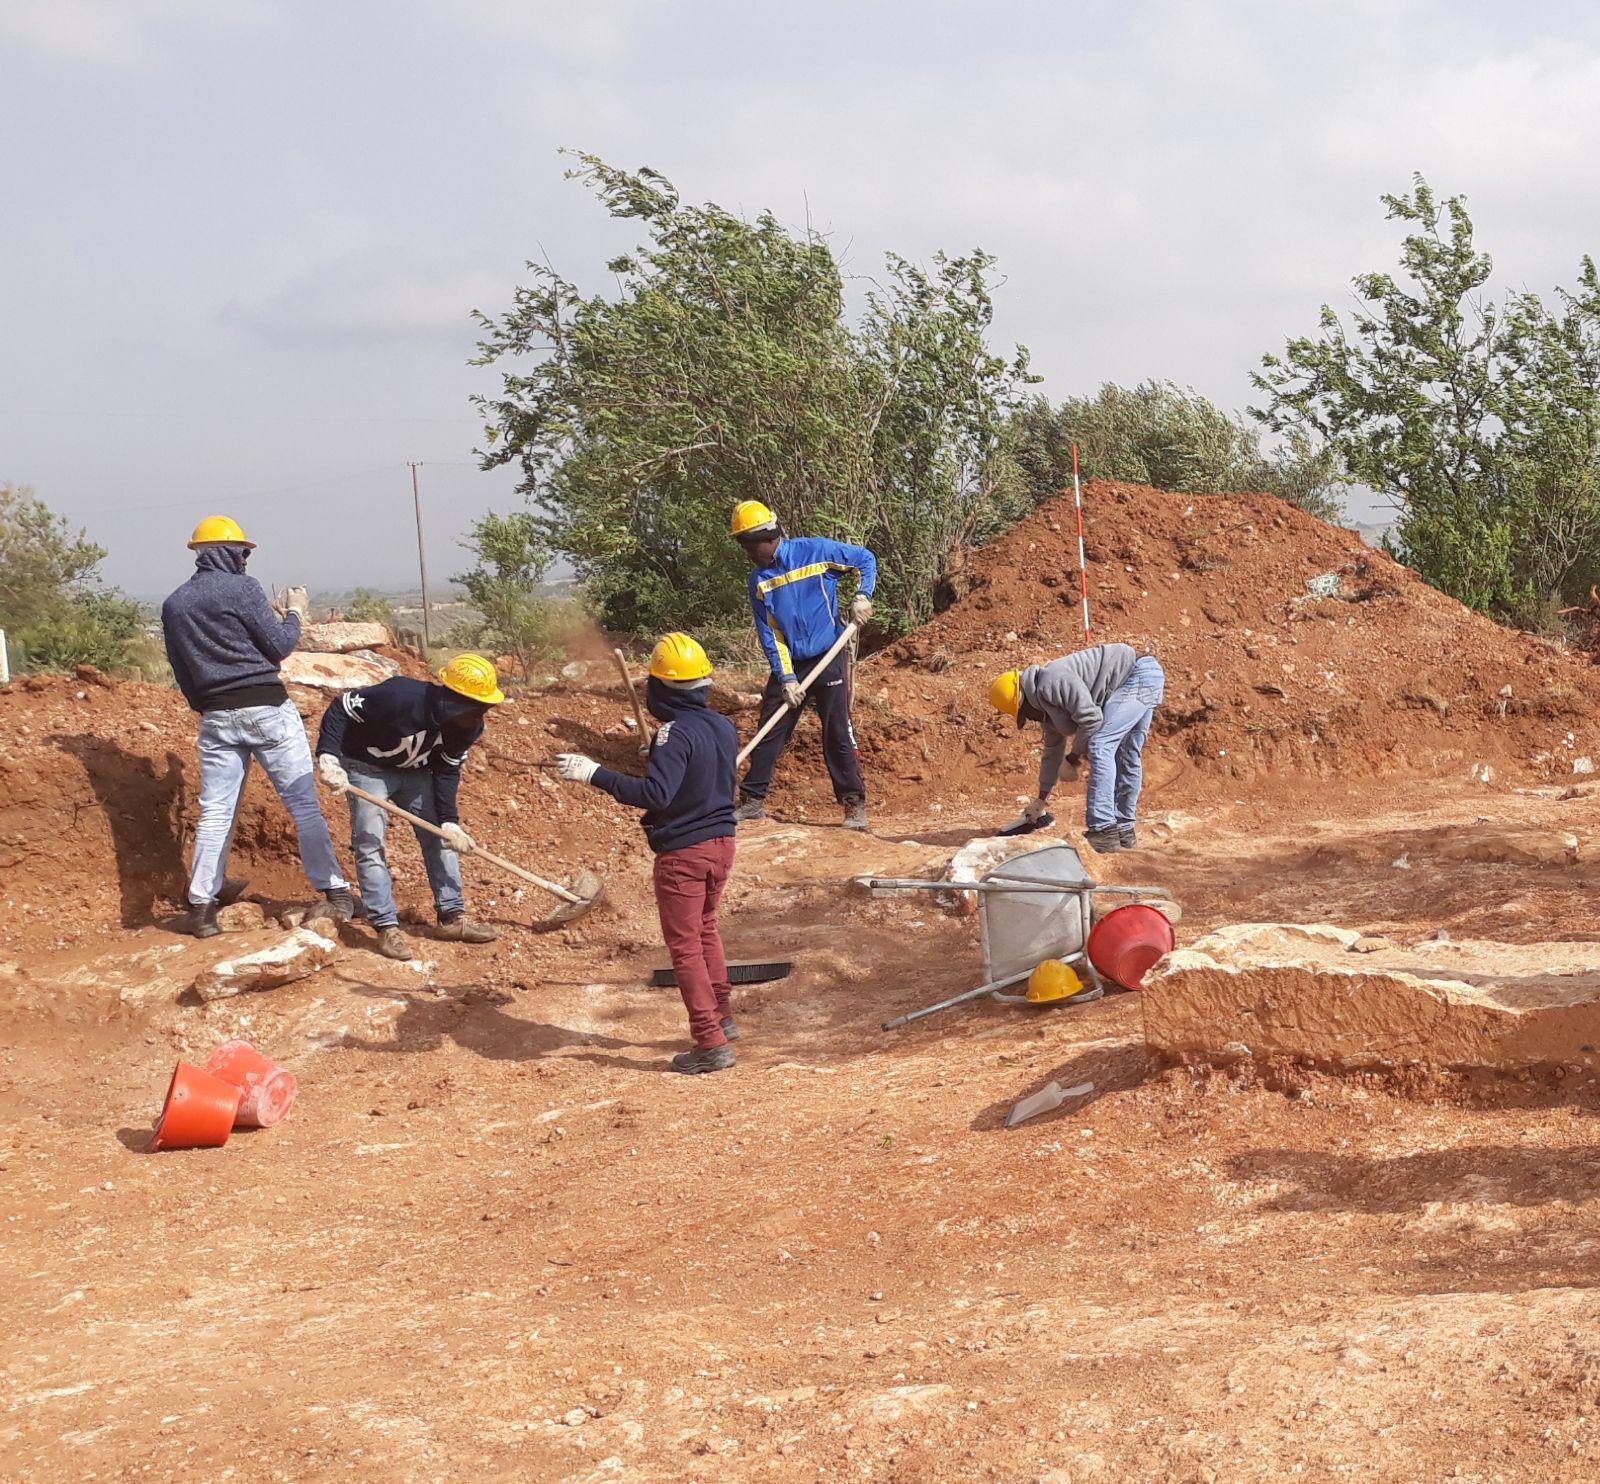 Giovani migranti a lavoro in un sito archeologico nel ragusano progetto sperimentale SPRAR e Soprintendenza di Ragusa